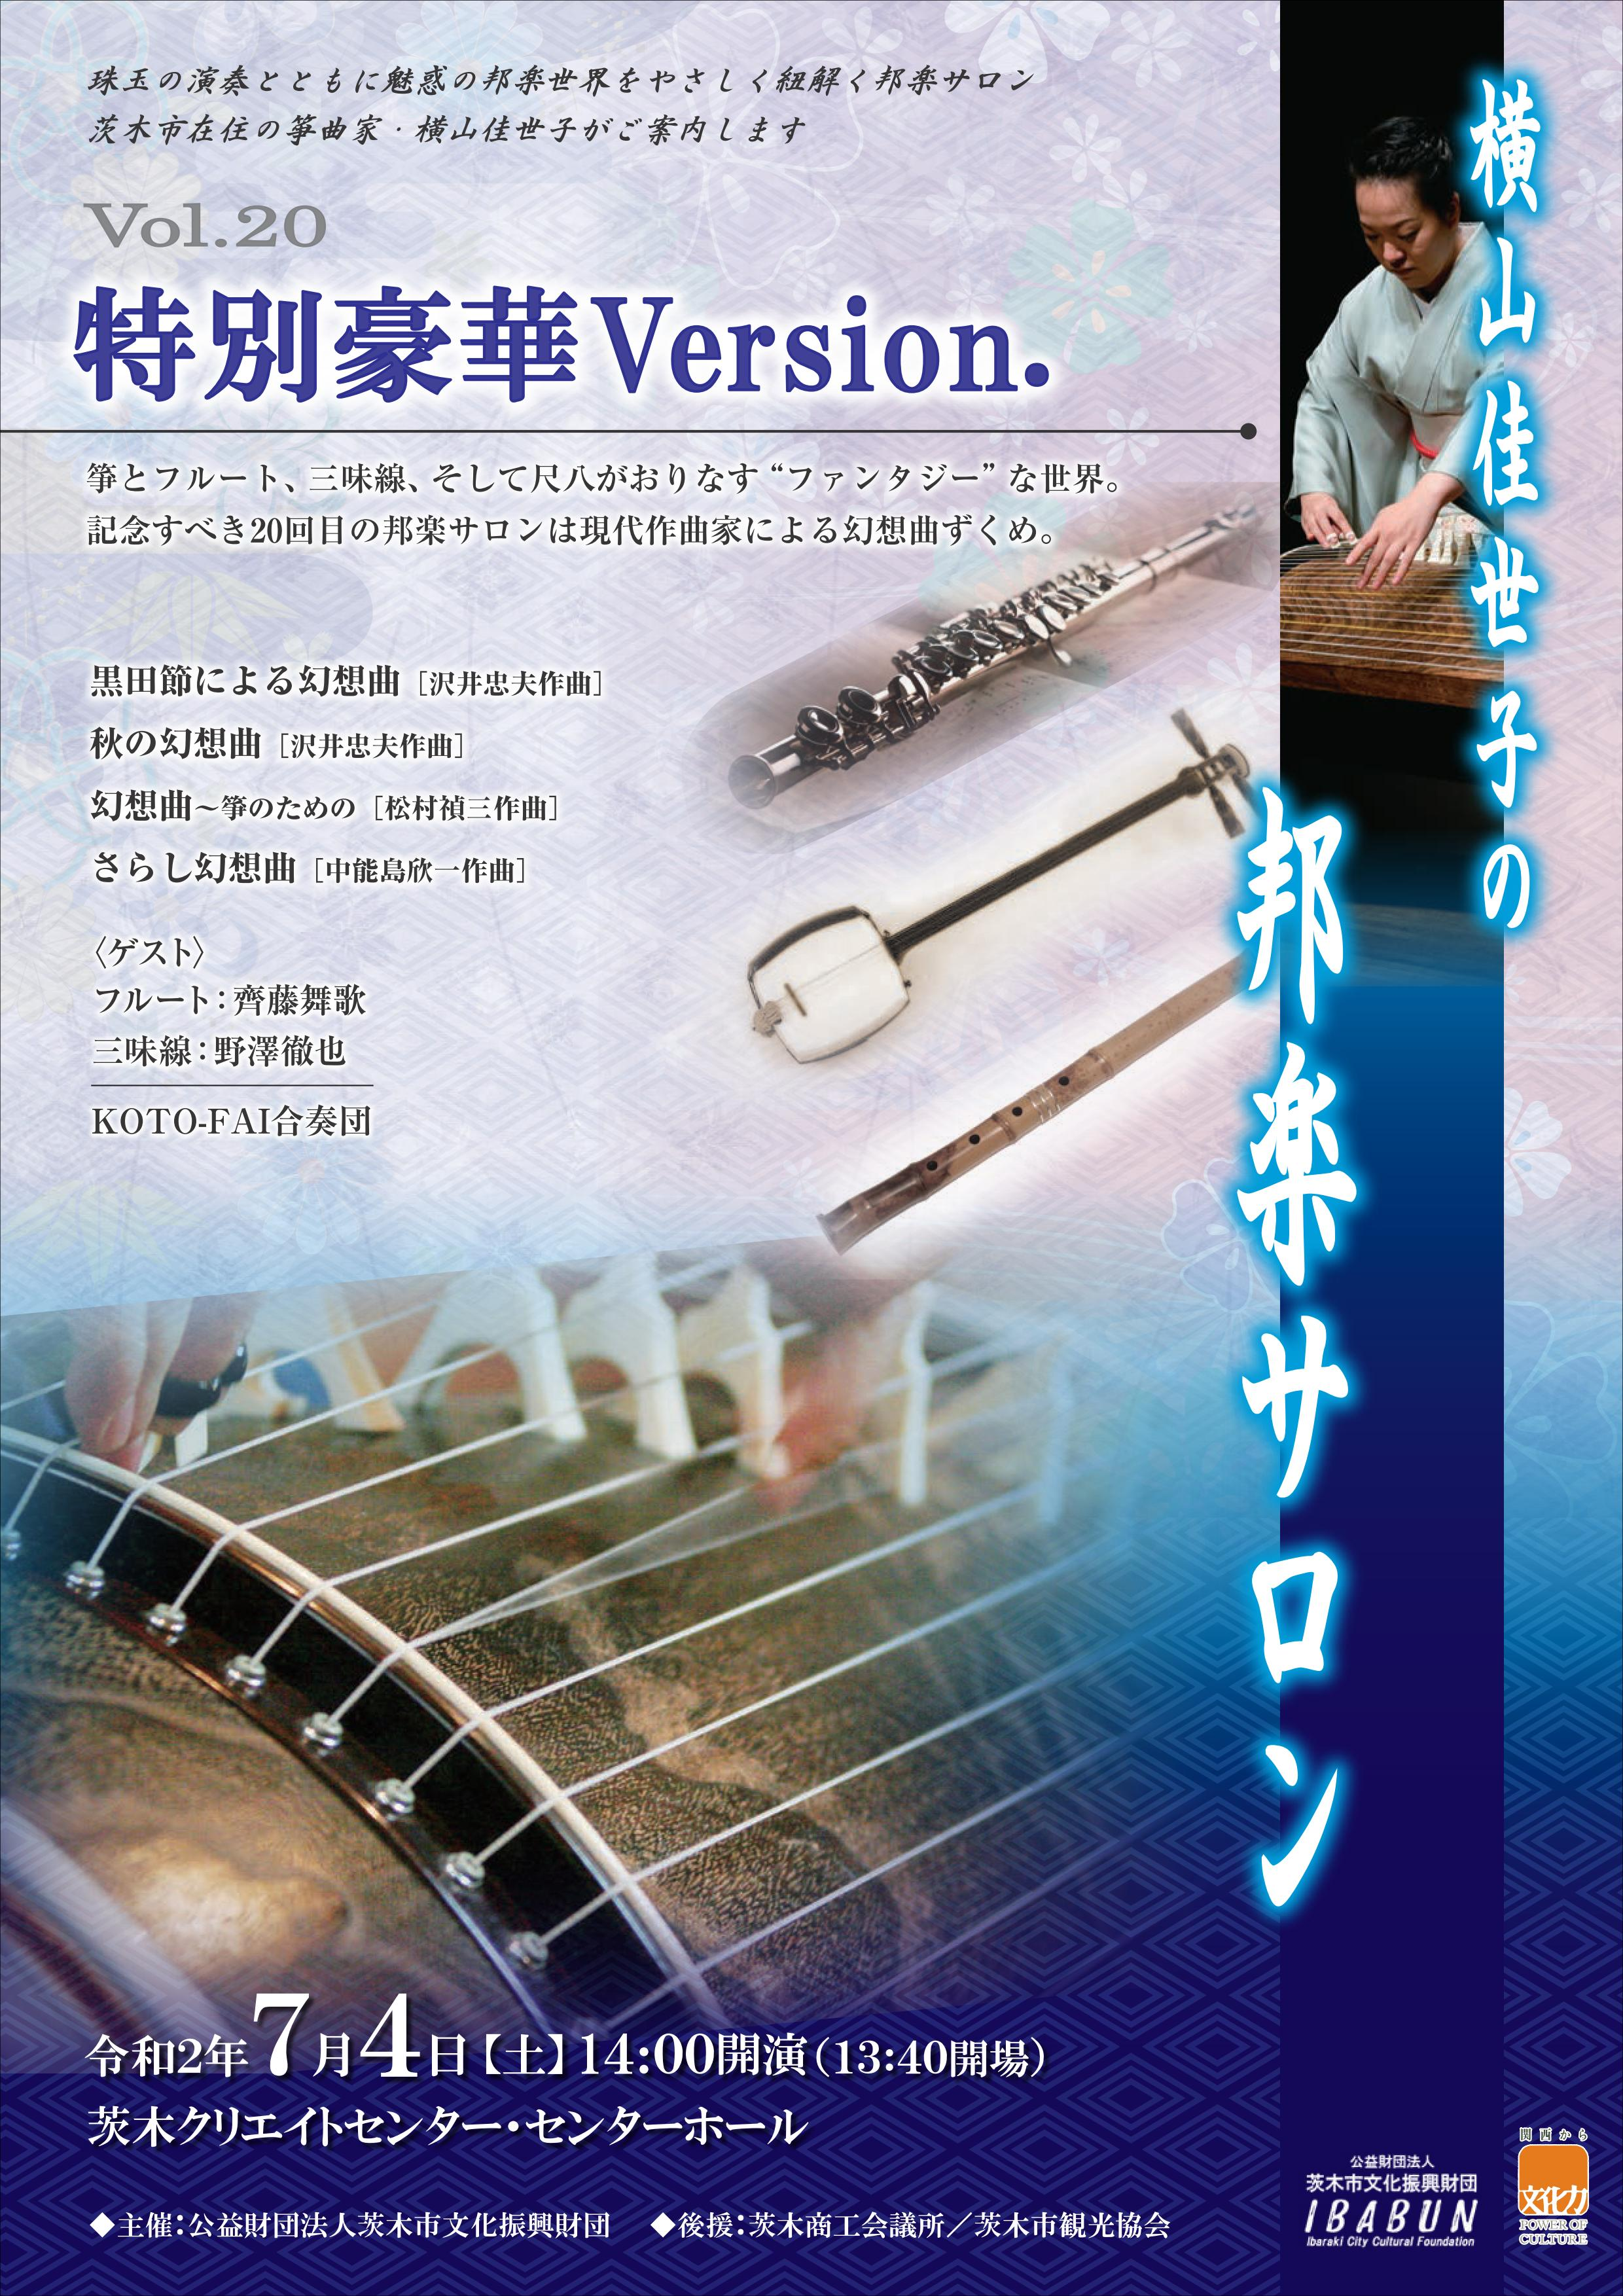 横山佳世子の邦楽サロンVol.20 特別豪華Version